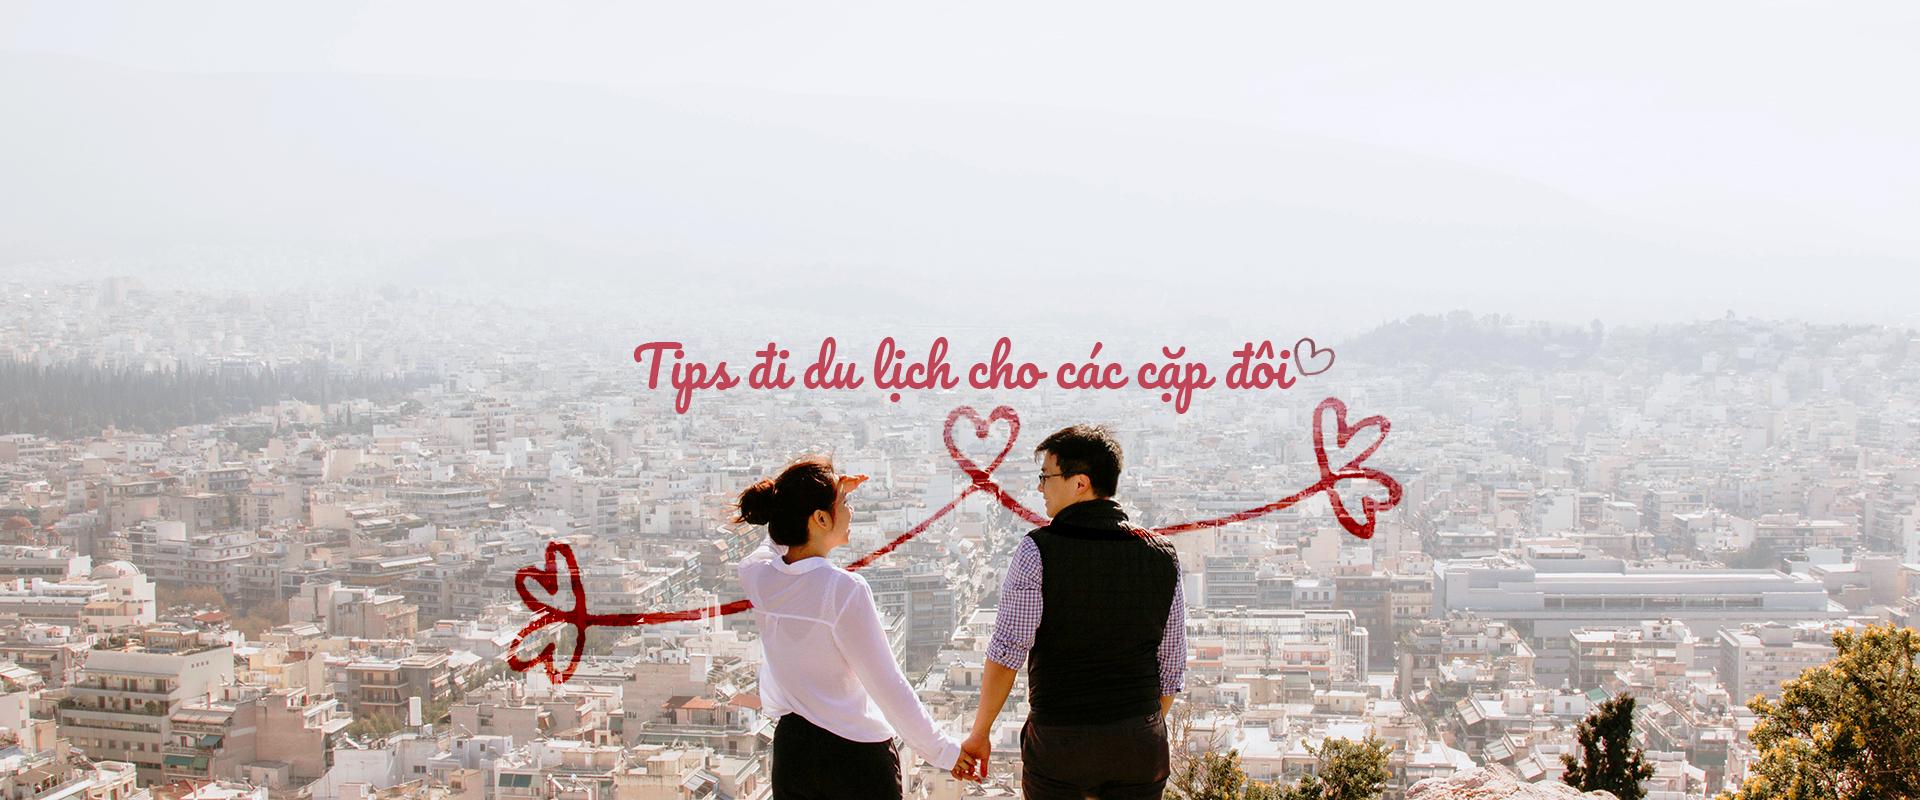 4 bí quyết để chuyến du lịch 2 người của các cặp đôi luôn suôn sẻ